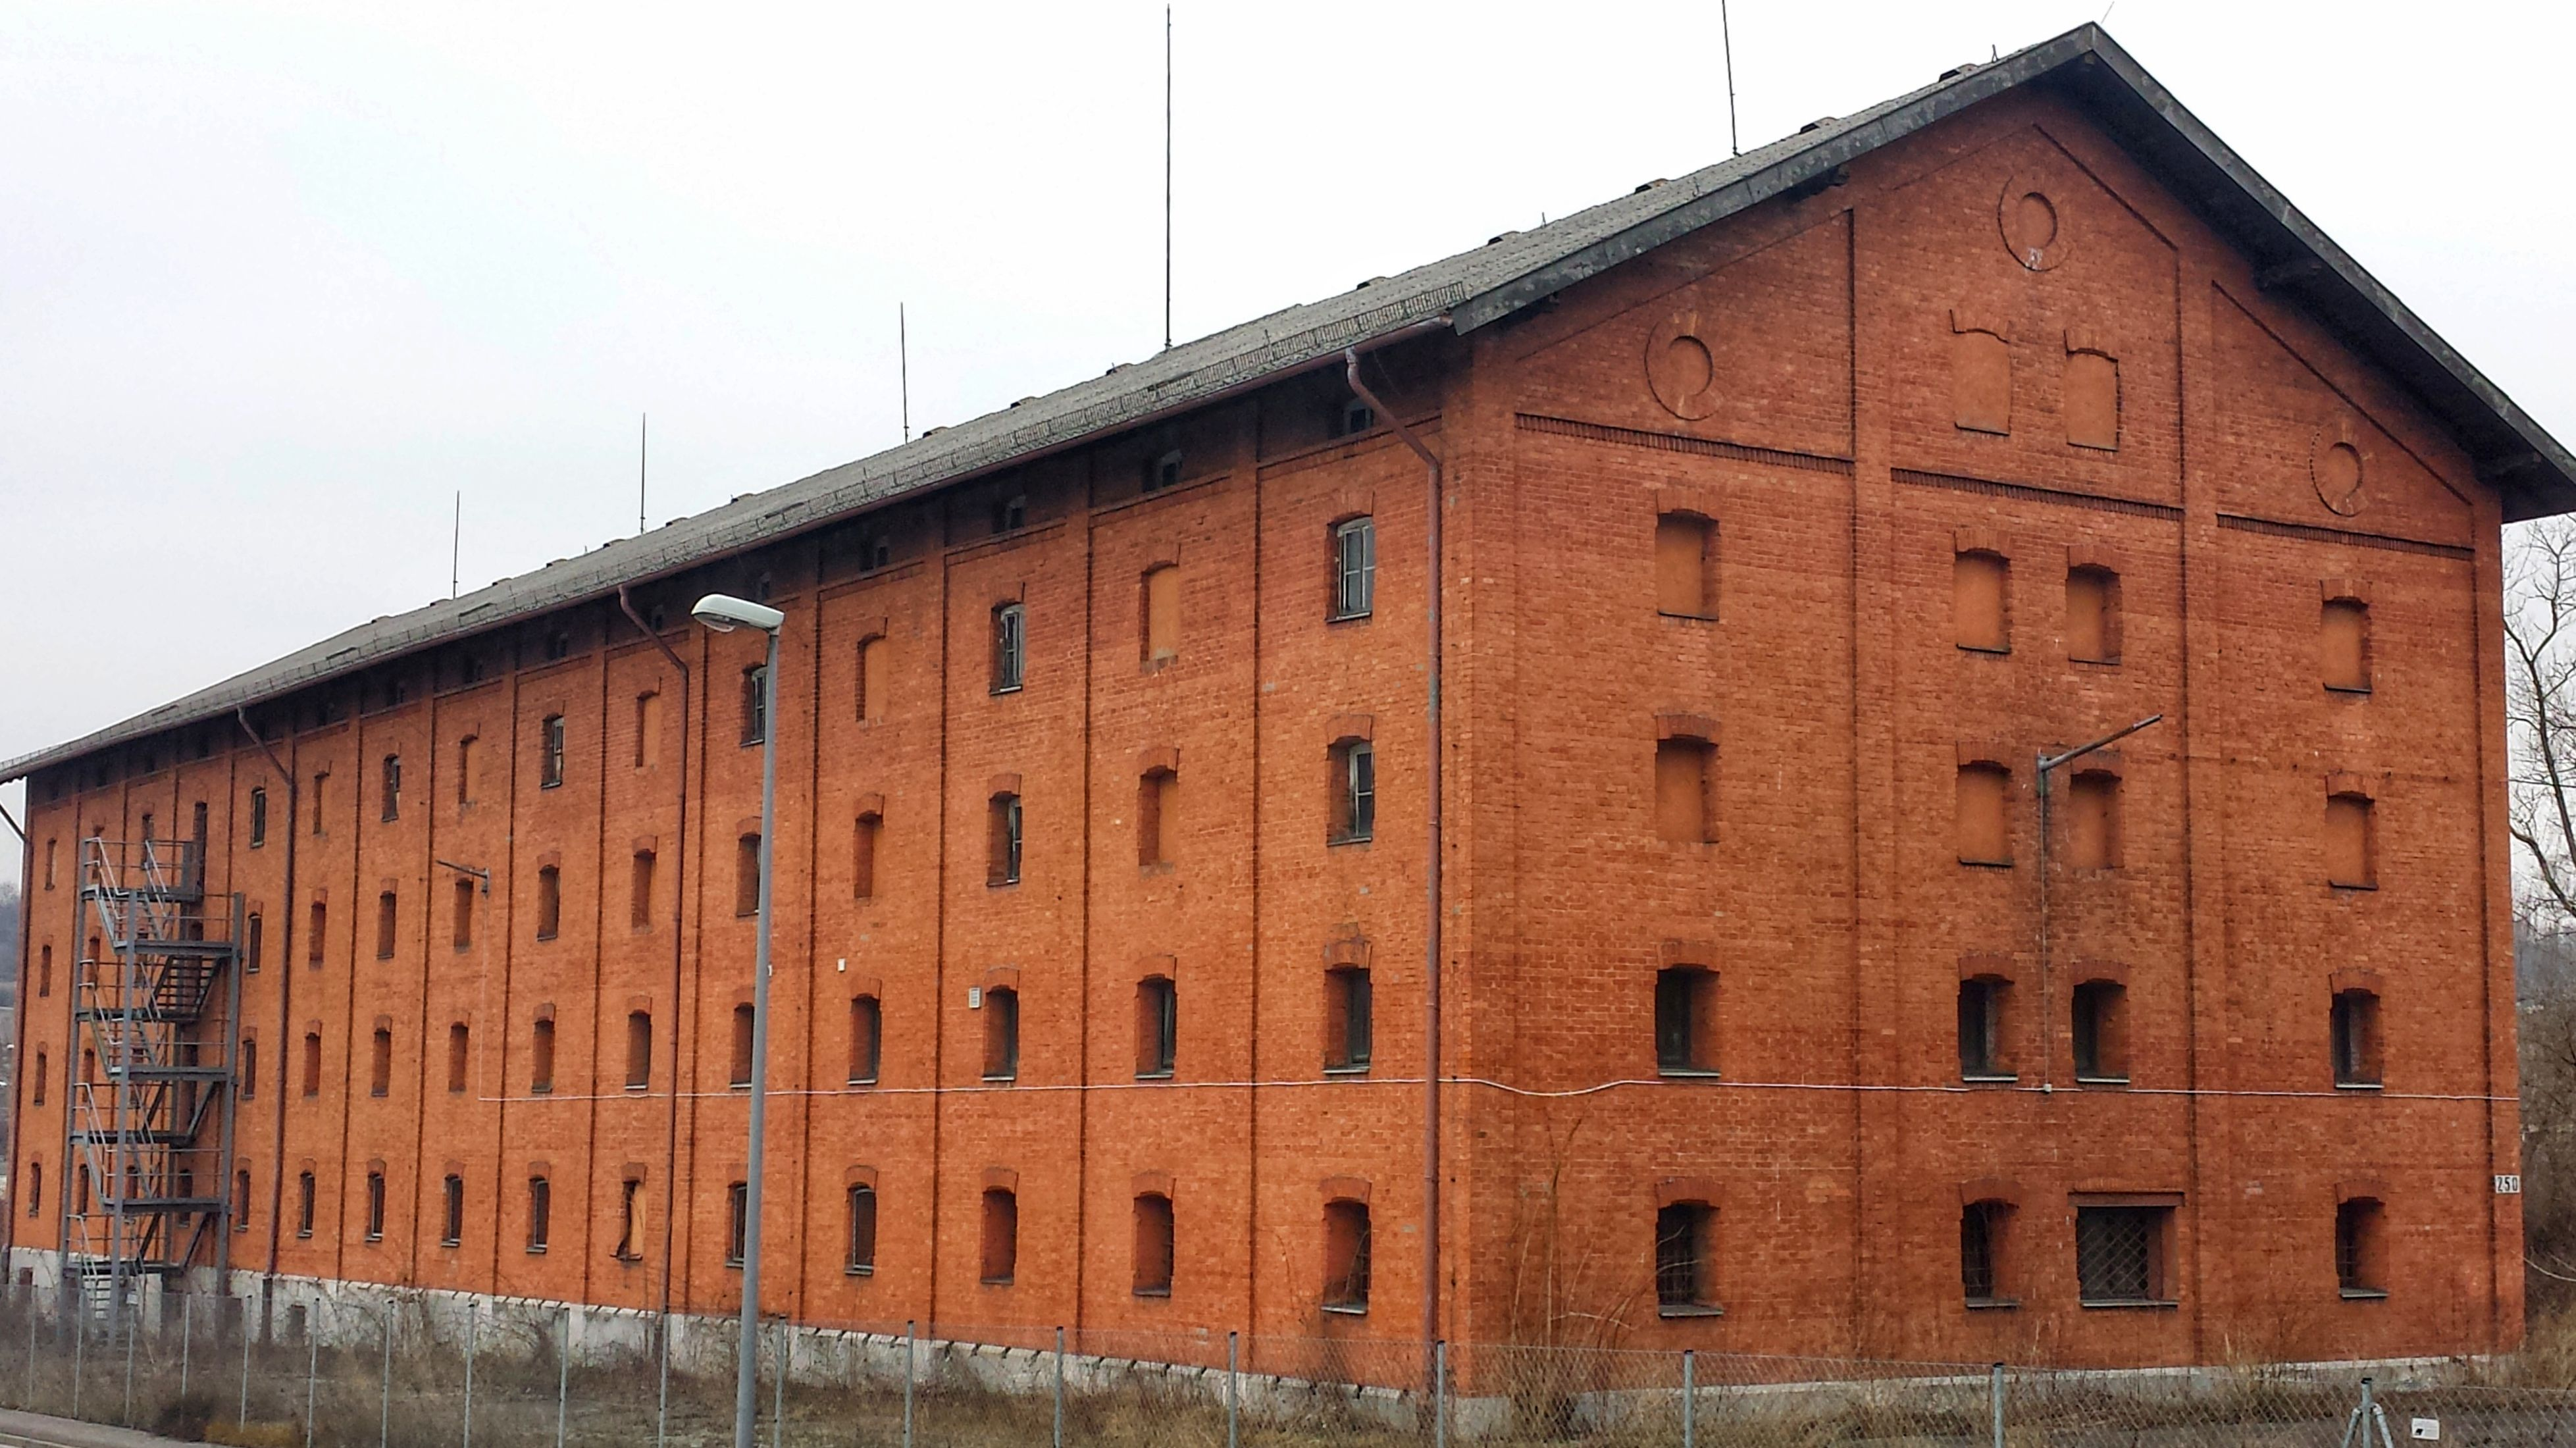 Gebäude der ehemaligen Faulenberg-Kaserne in Würzburg